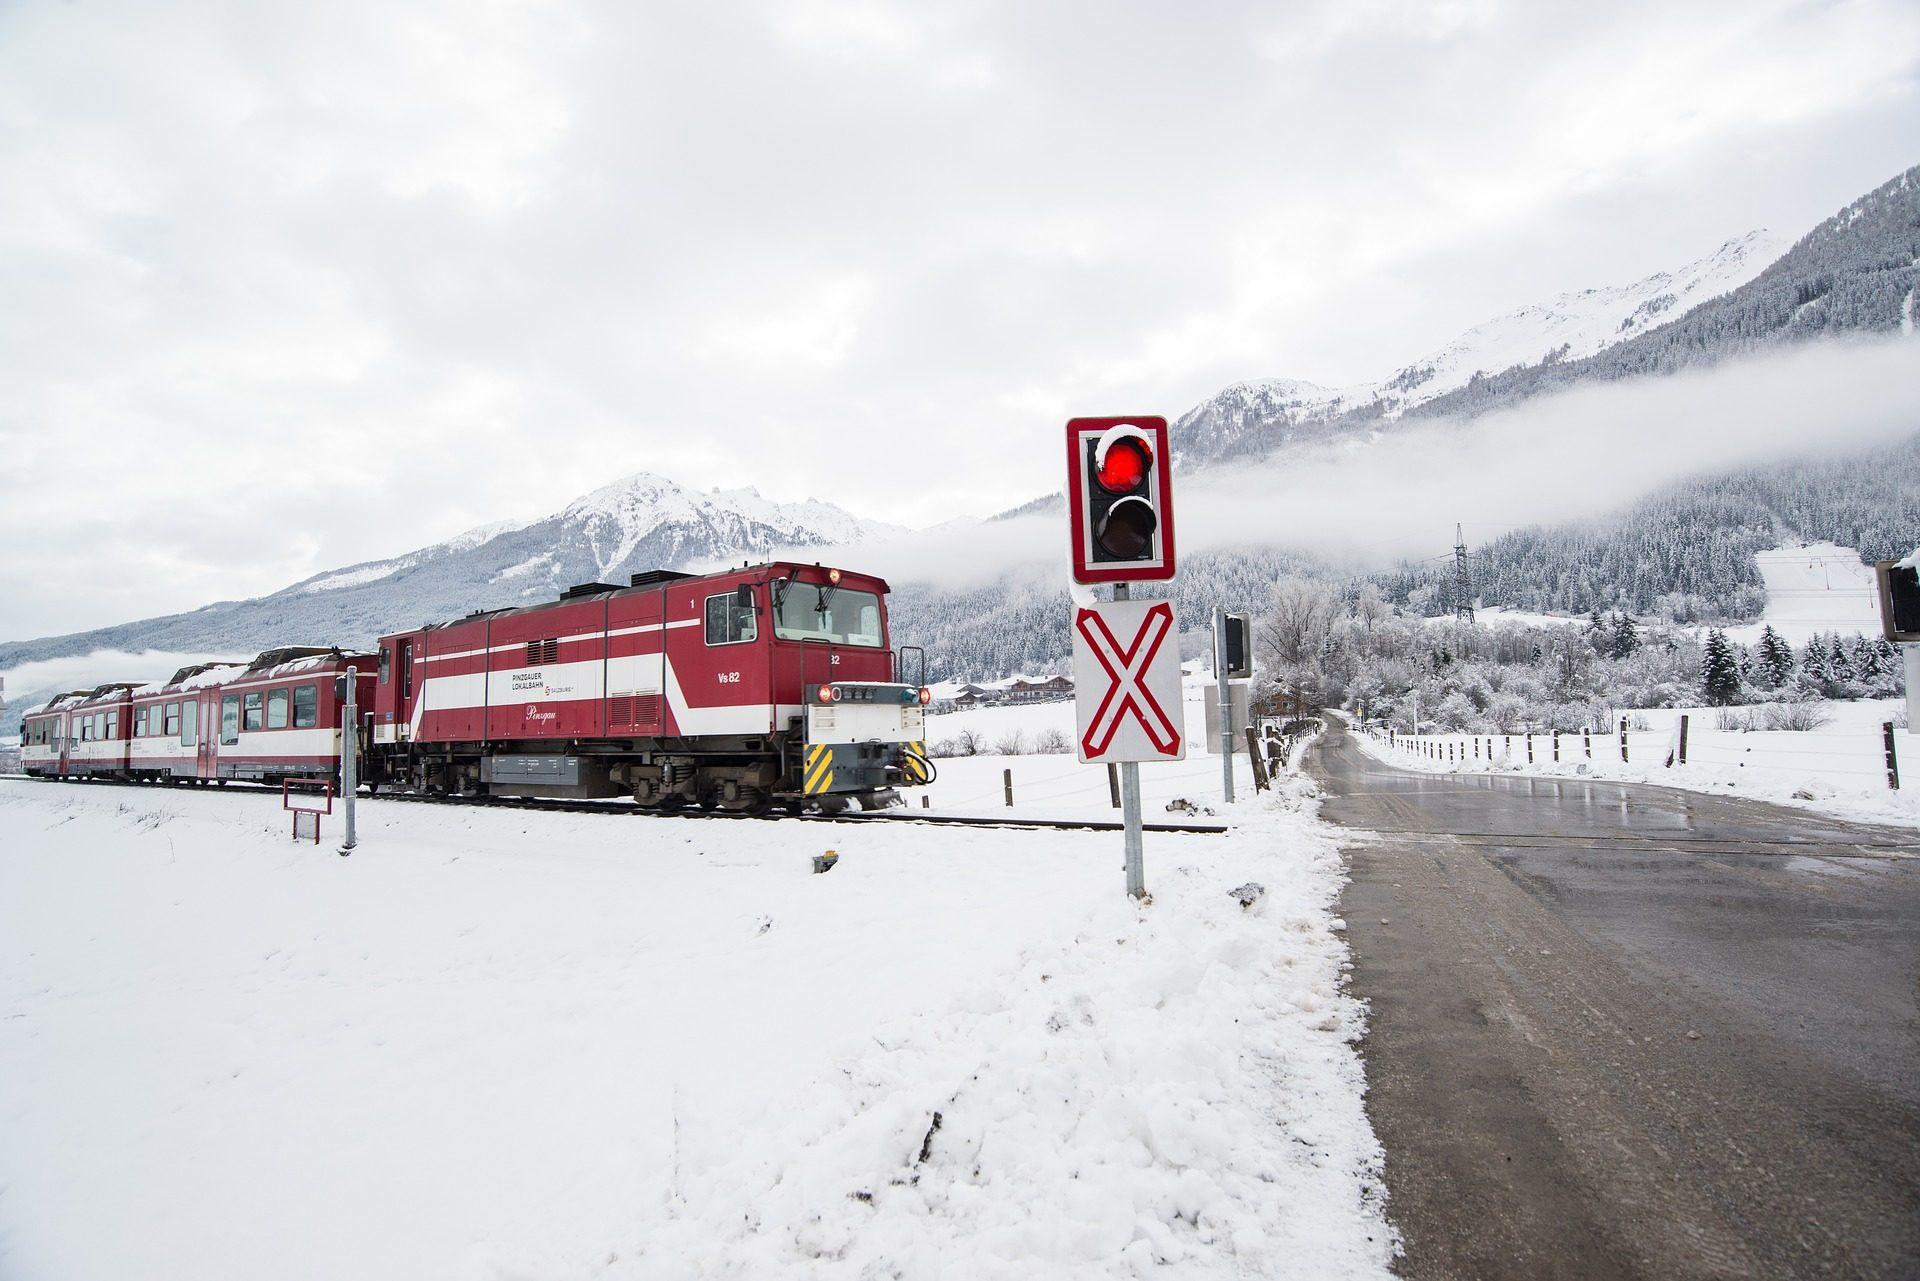 treno, ferrovia, semaforo, attraversando, neve, Montañas - Sfondi HD - Professor-falken.com